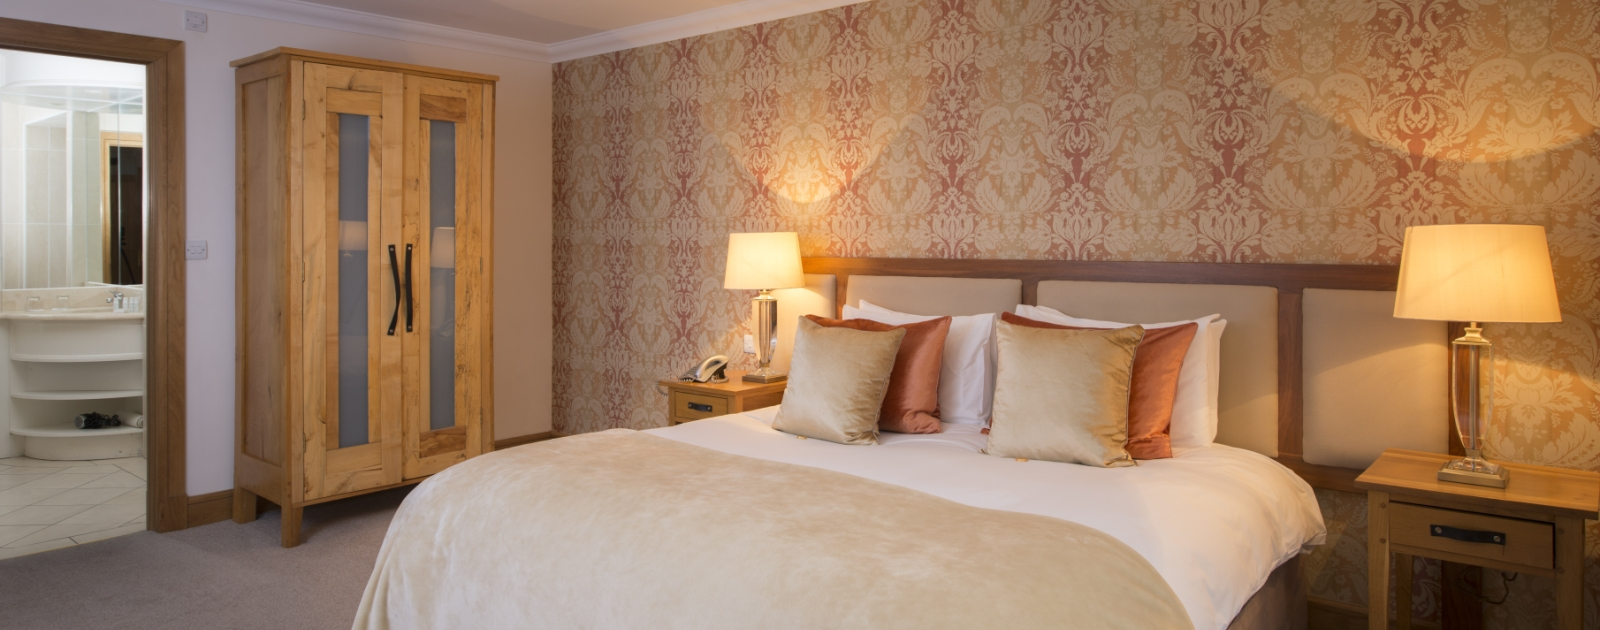 1-bedroom-suite-room-banner